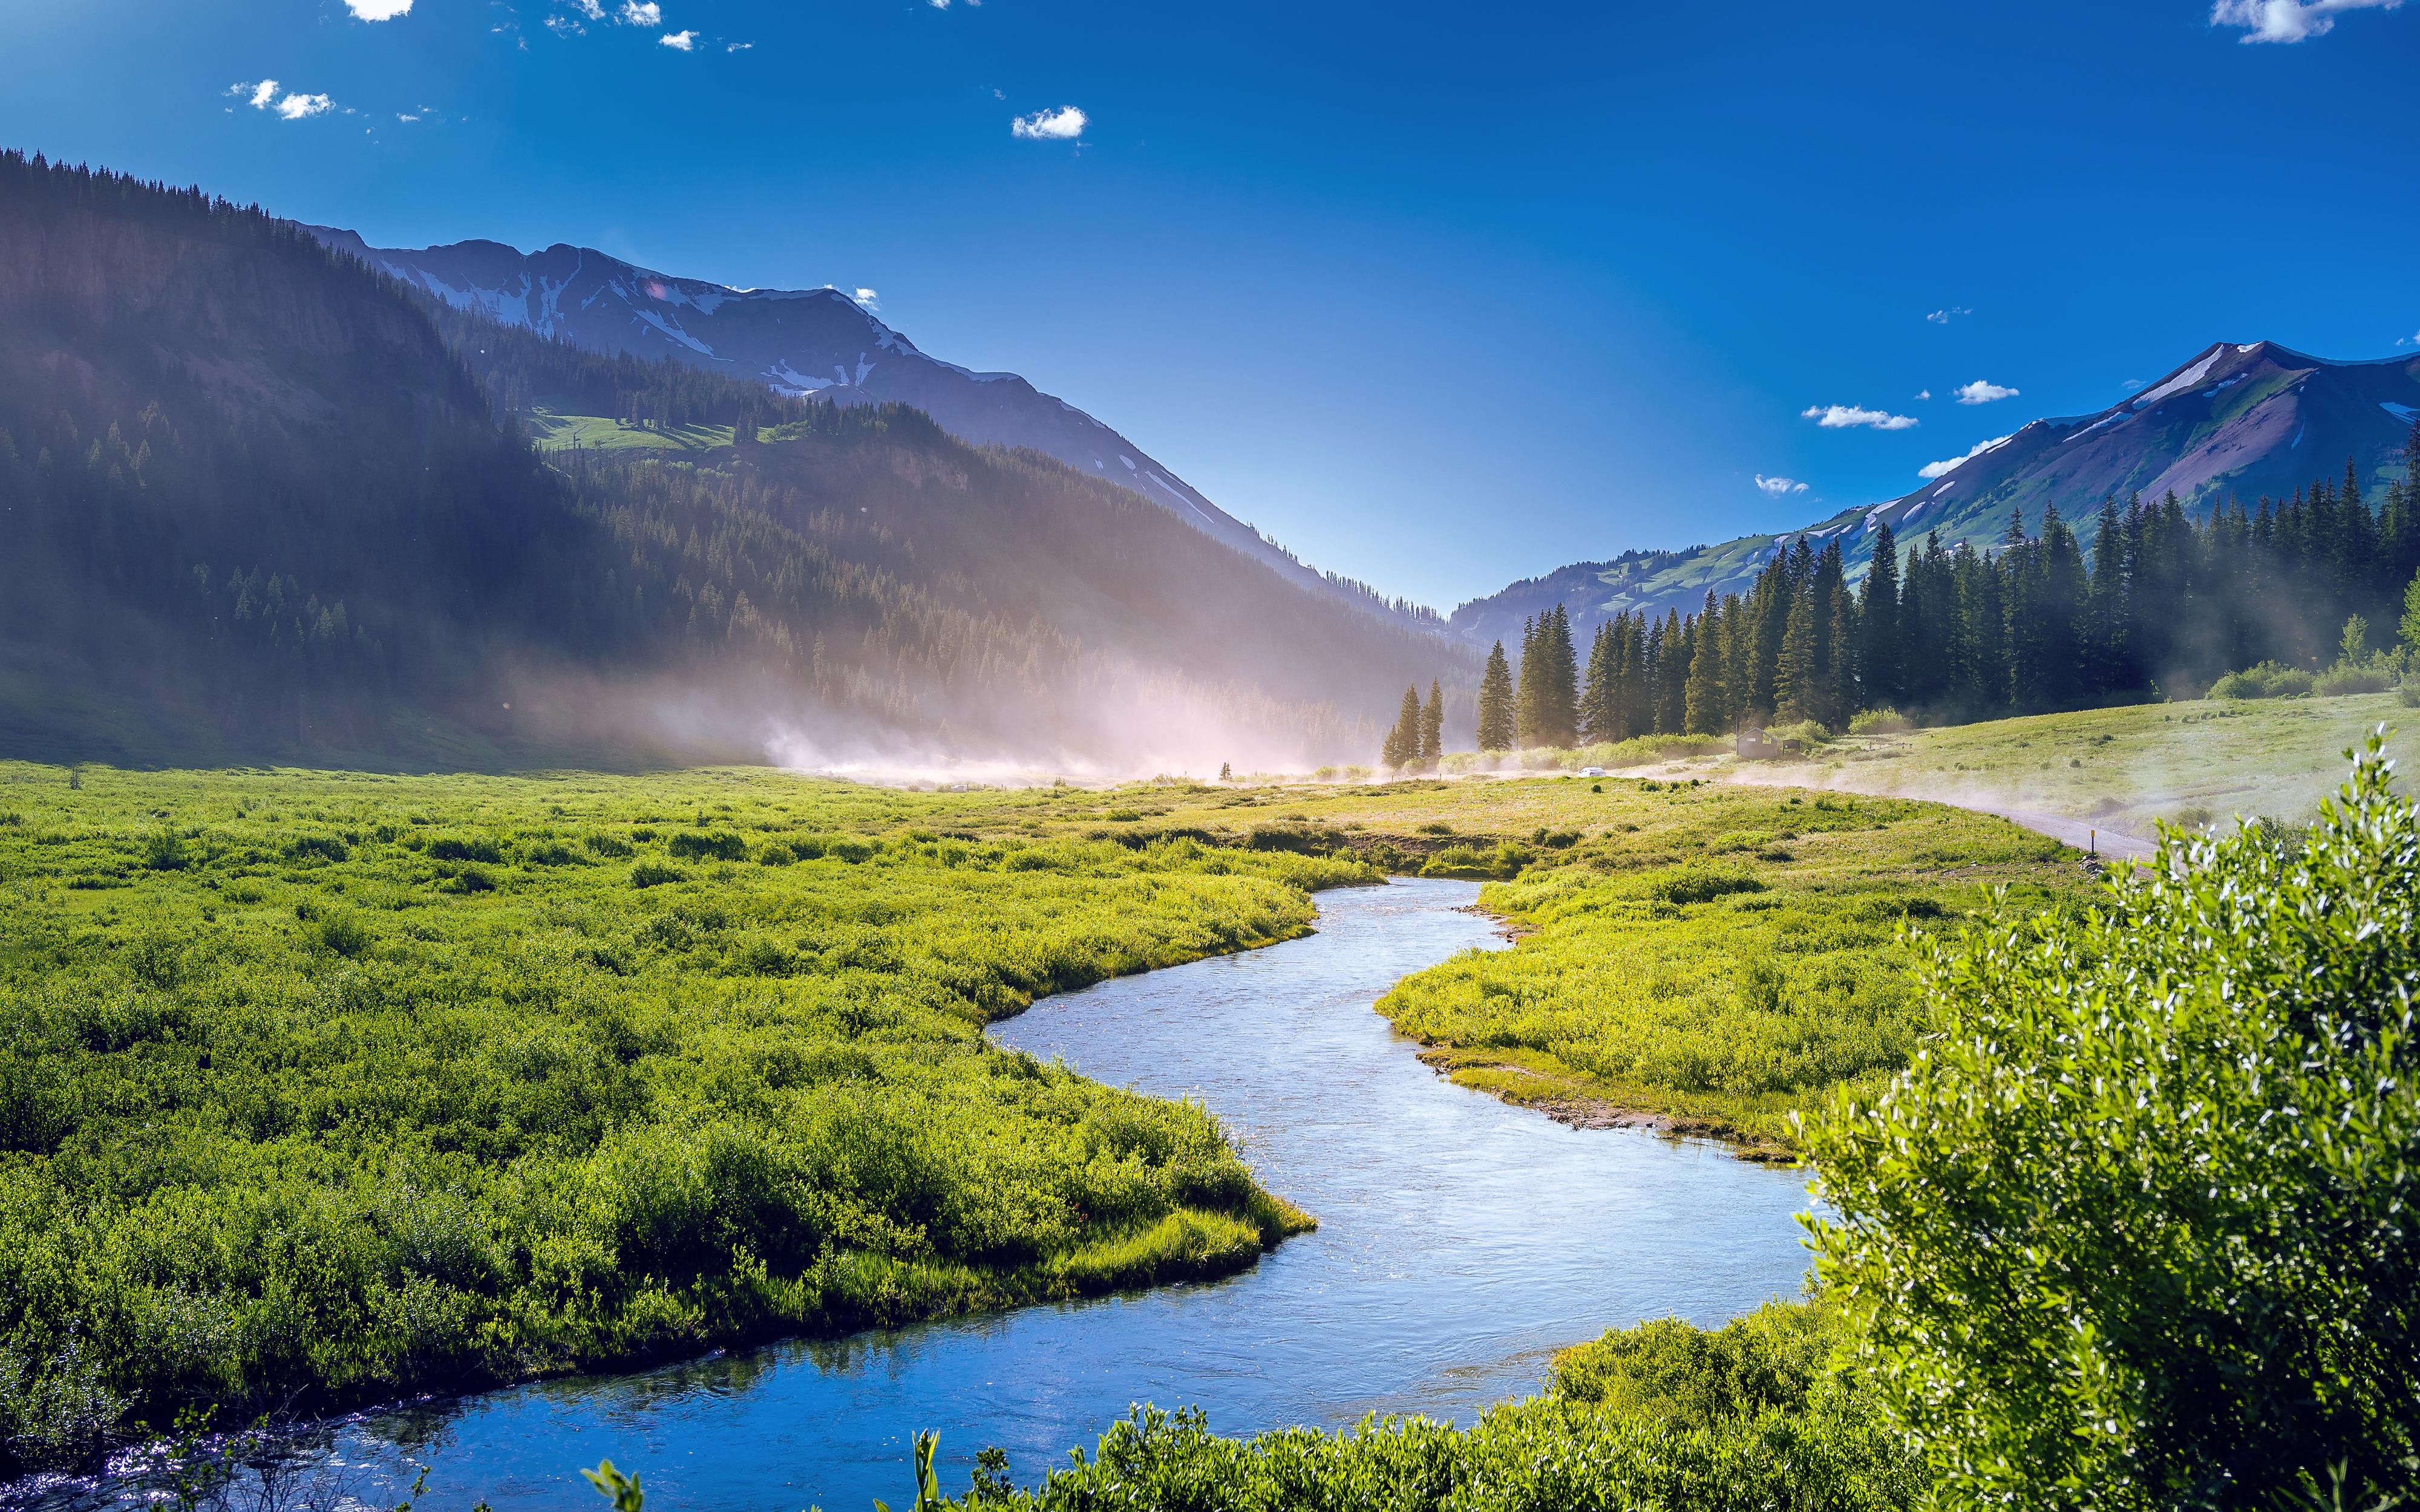 Beautiful Greenery Landscape, HD Nature, 4k Wallpapers ...